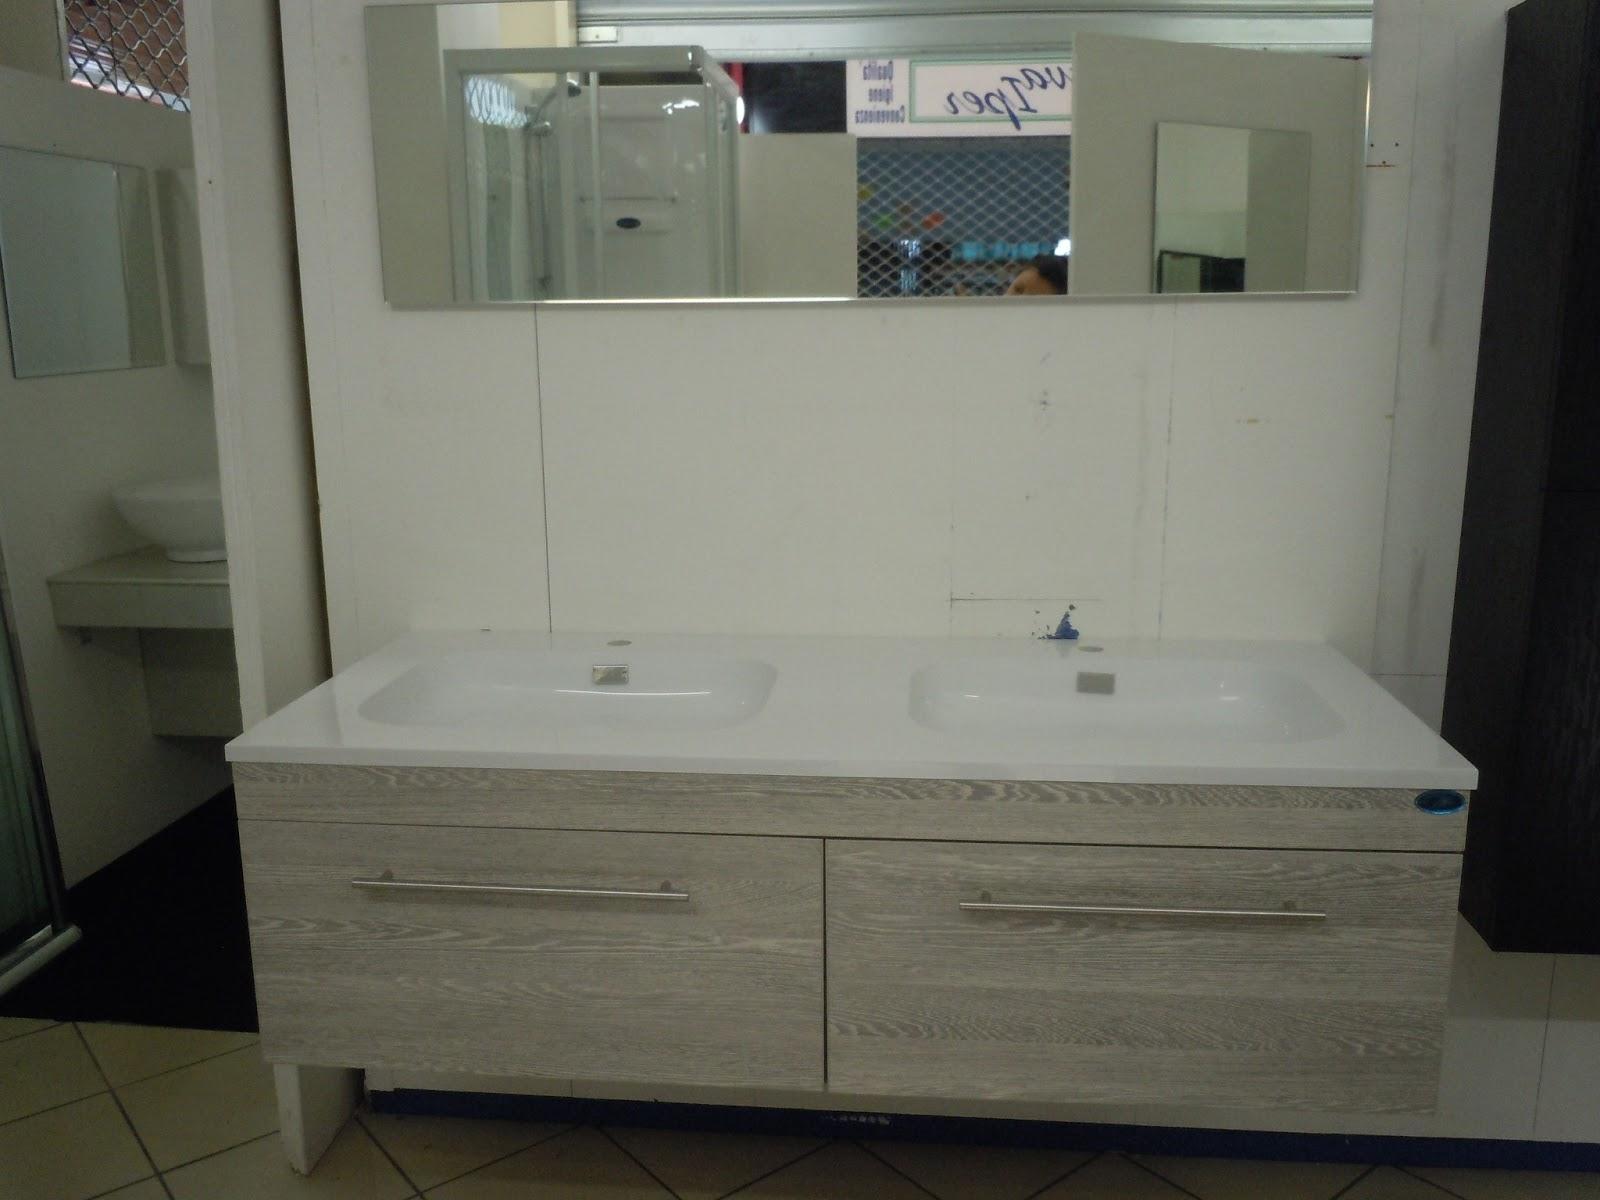 Un nuovo amico per il vostro bagno box doccia cabine multifunzione e vasche per disabili - Amico bagno firenze ...